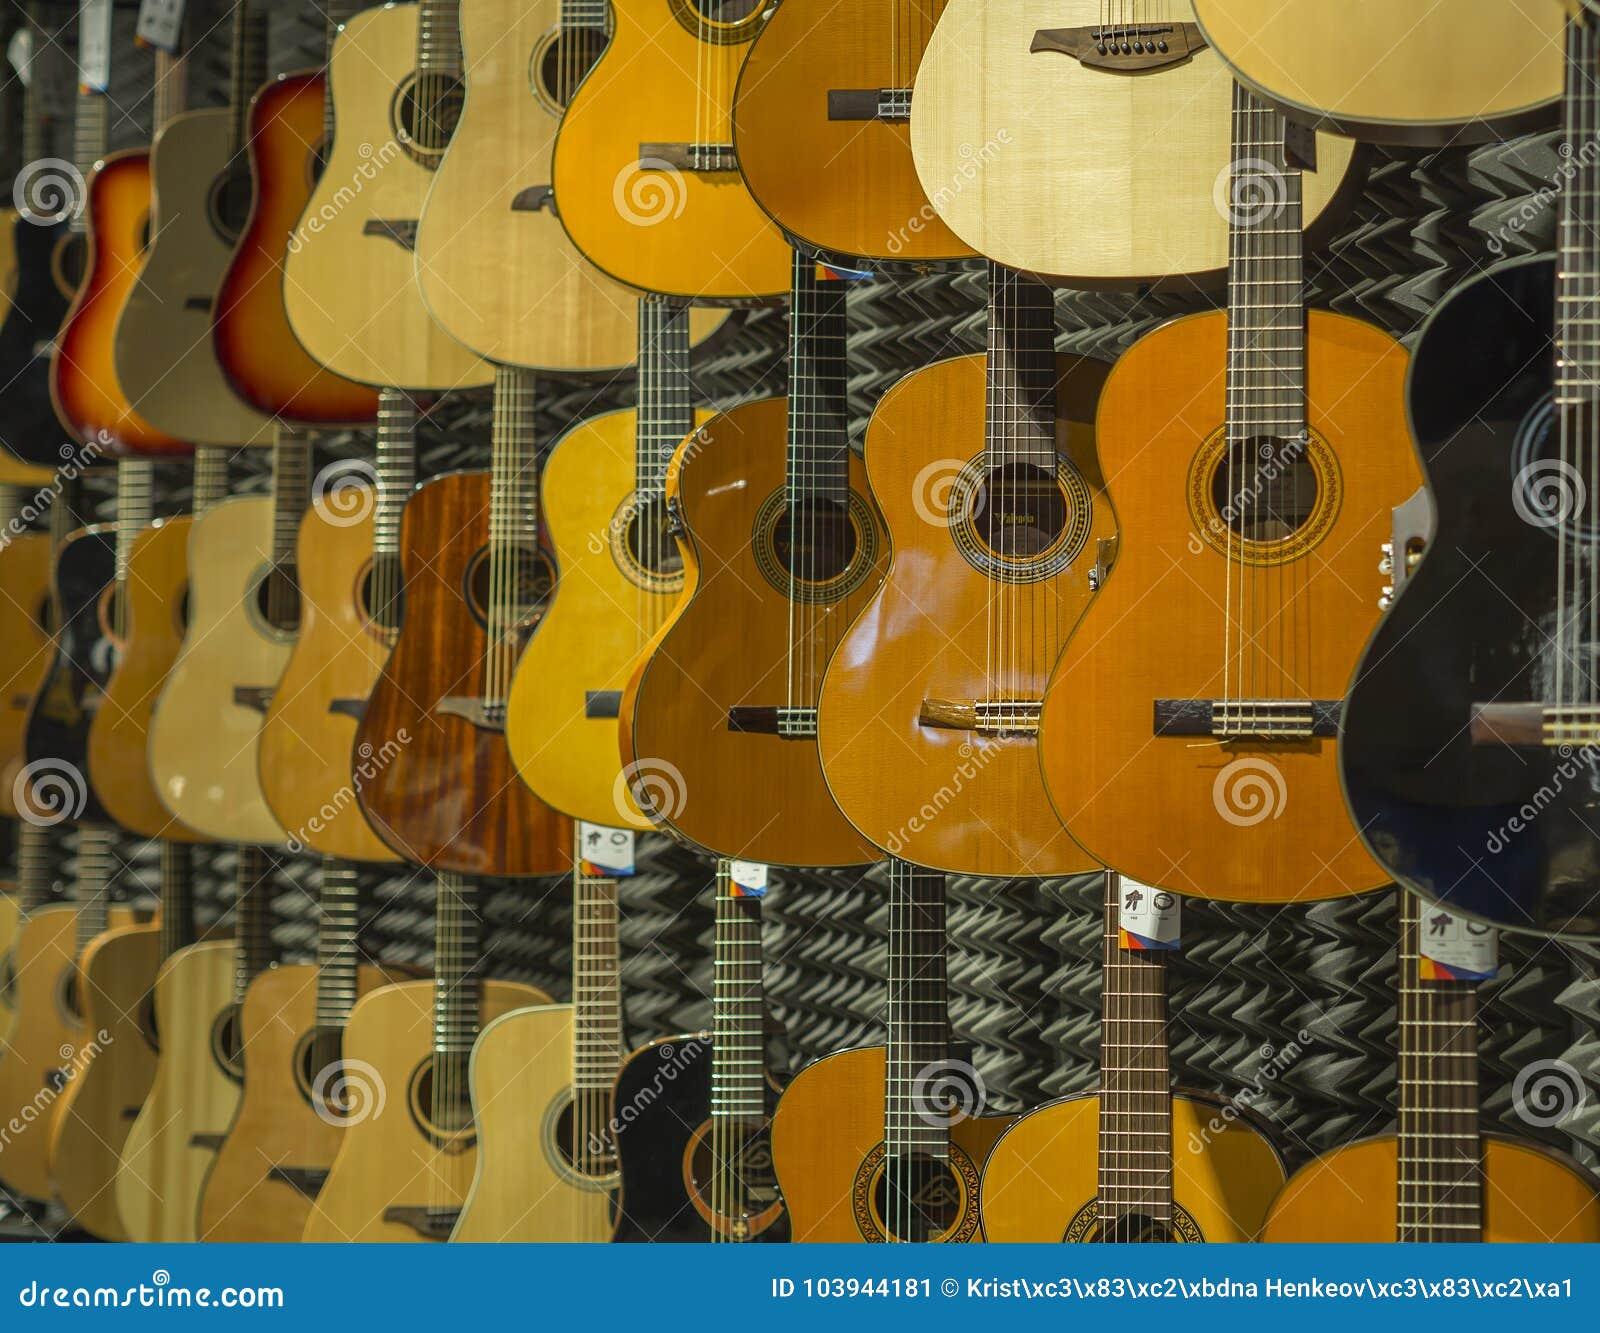 Loja clássica da música de fundo da guitarra acústica com muitos guitarra